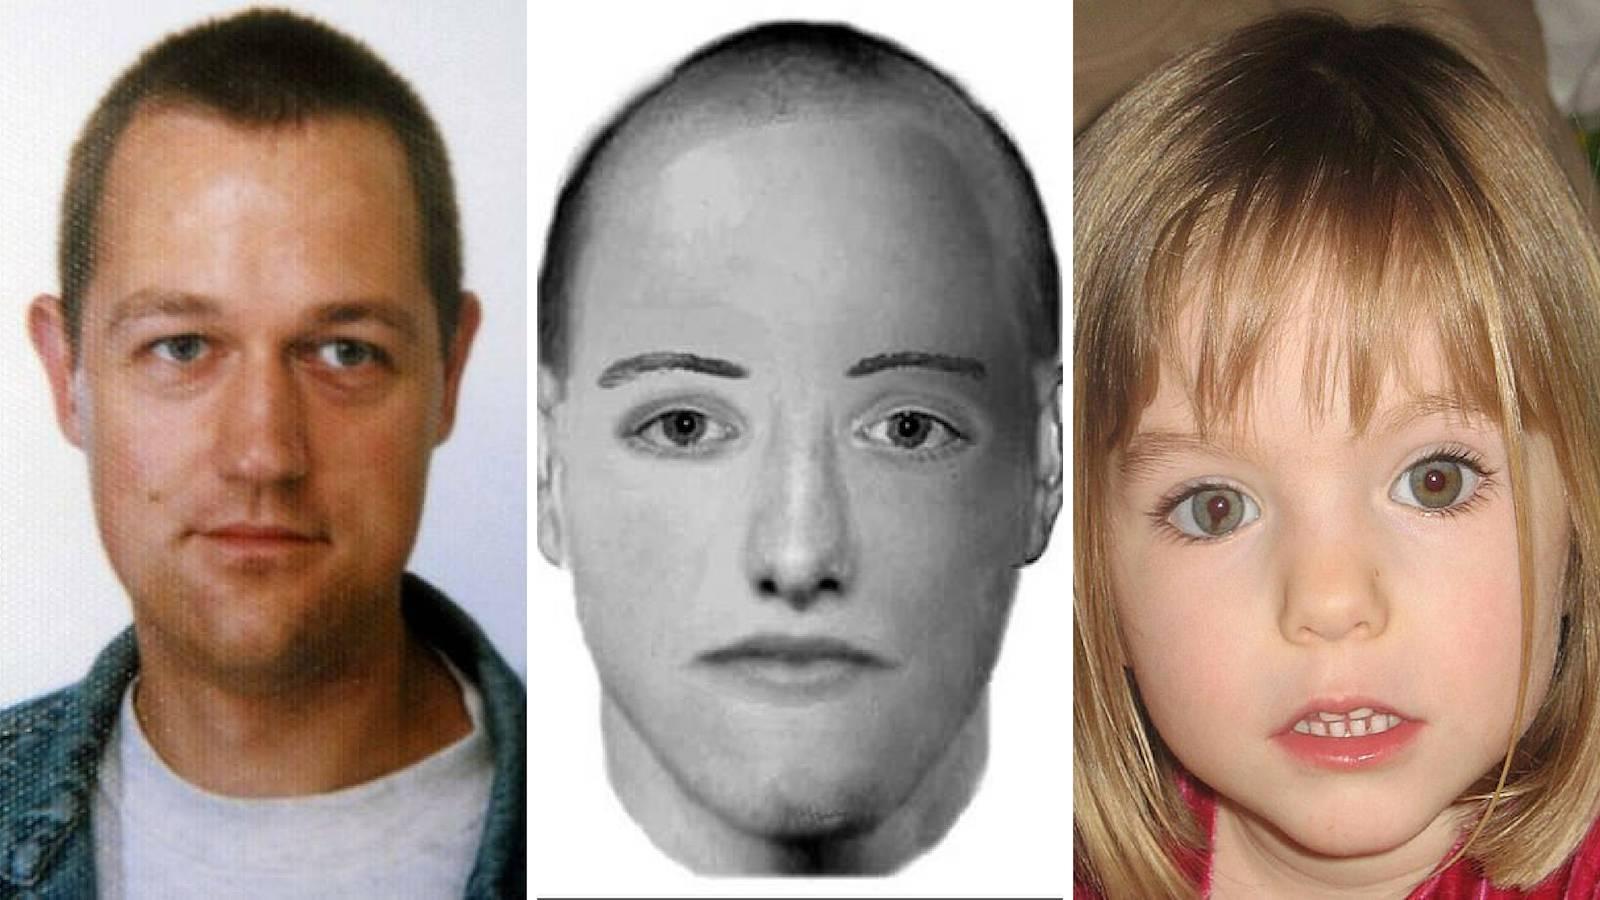 Slučaj Maddie: Novi sumnjivac pedofil i trostruki ubojica djece